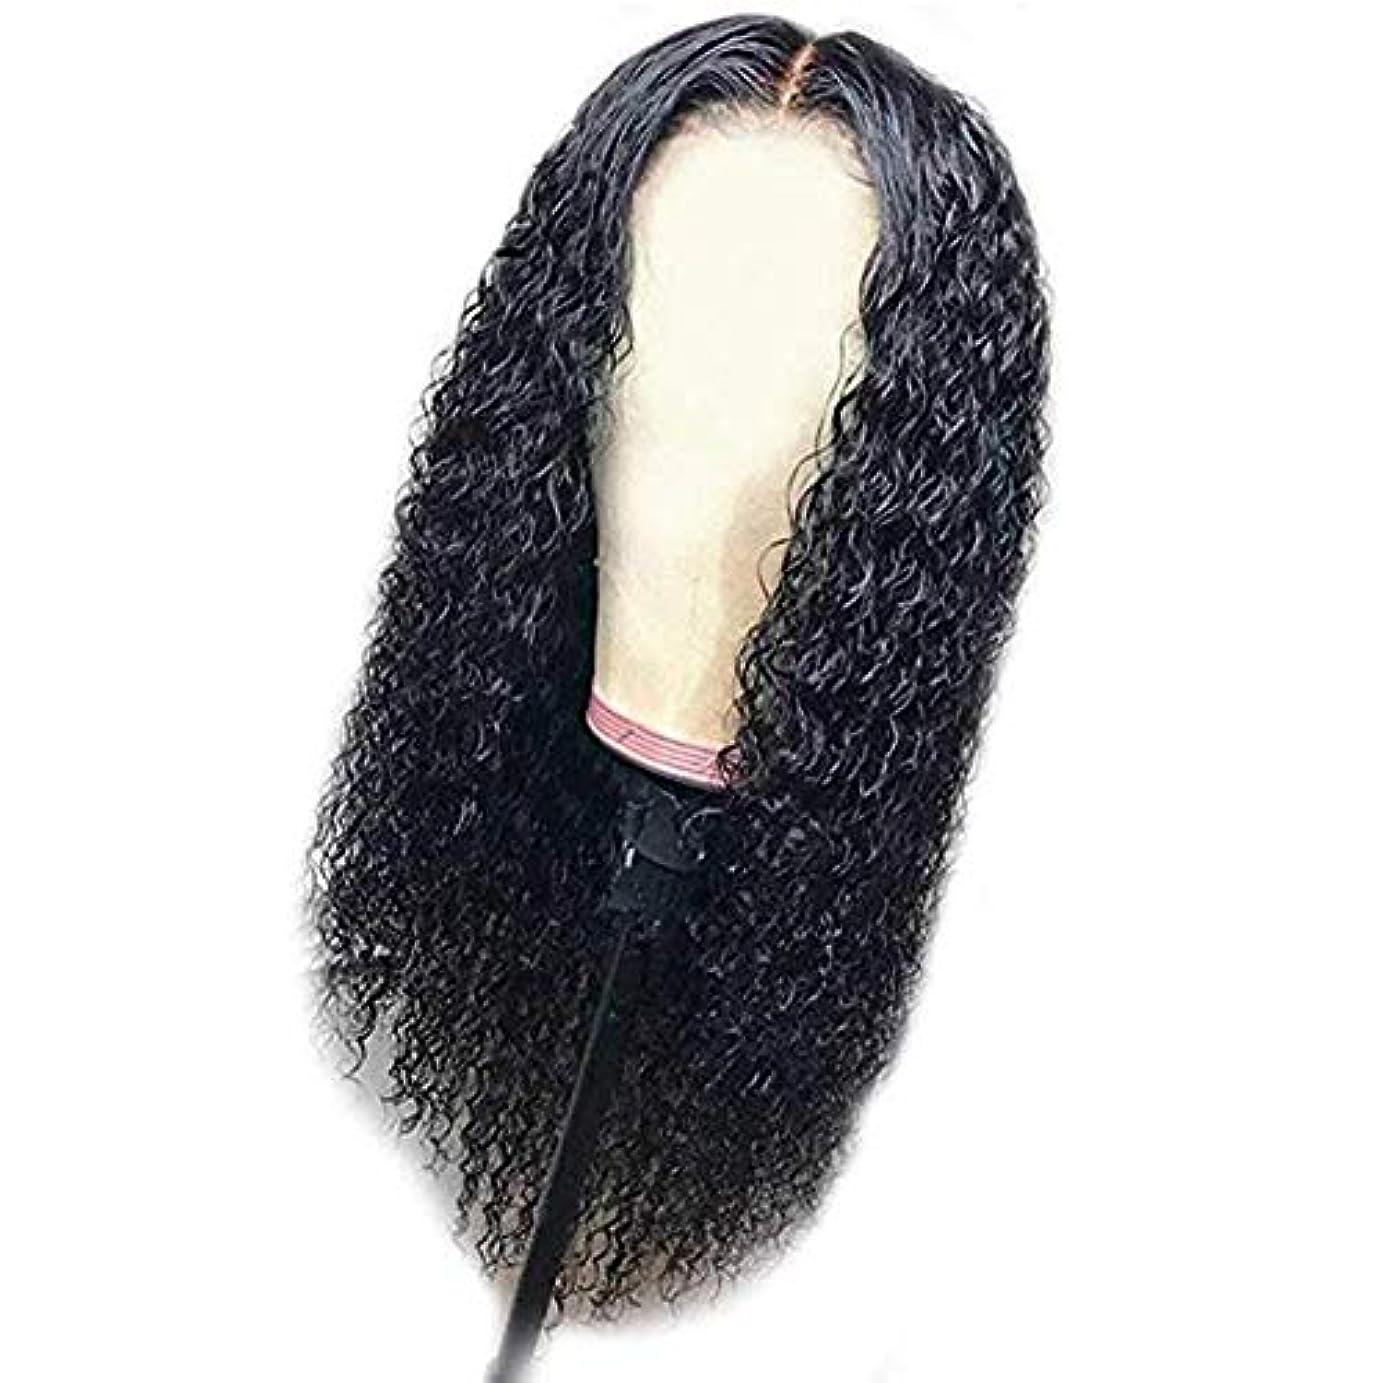 キャンパス光沢のある以前は女性ブラジルかつらレースカーリー合成かつら赤ん坊の毛高品質かつら耐熱ファイバーローズ髪24インチ